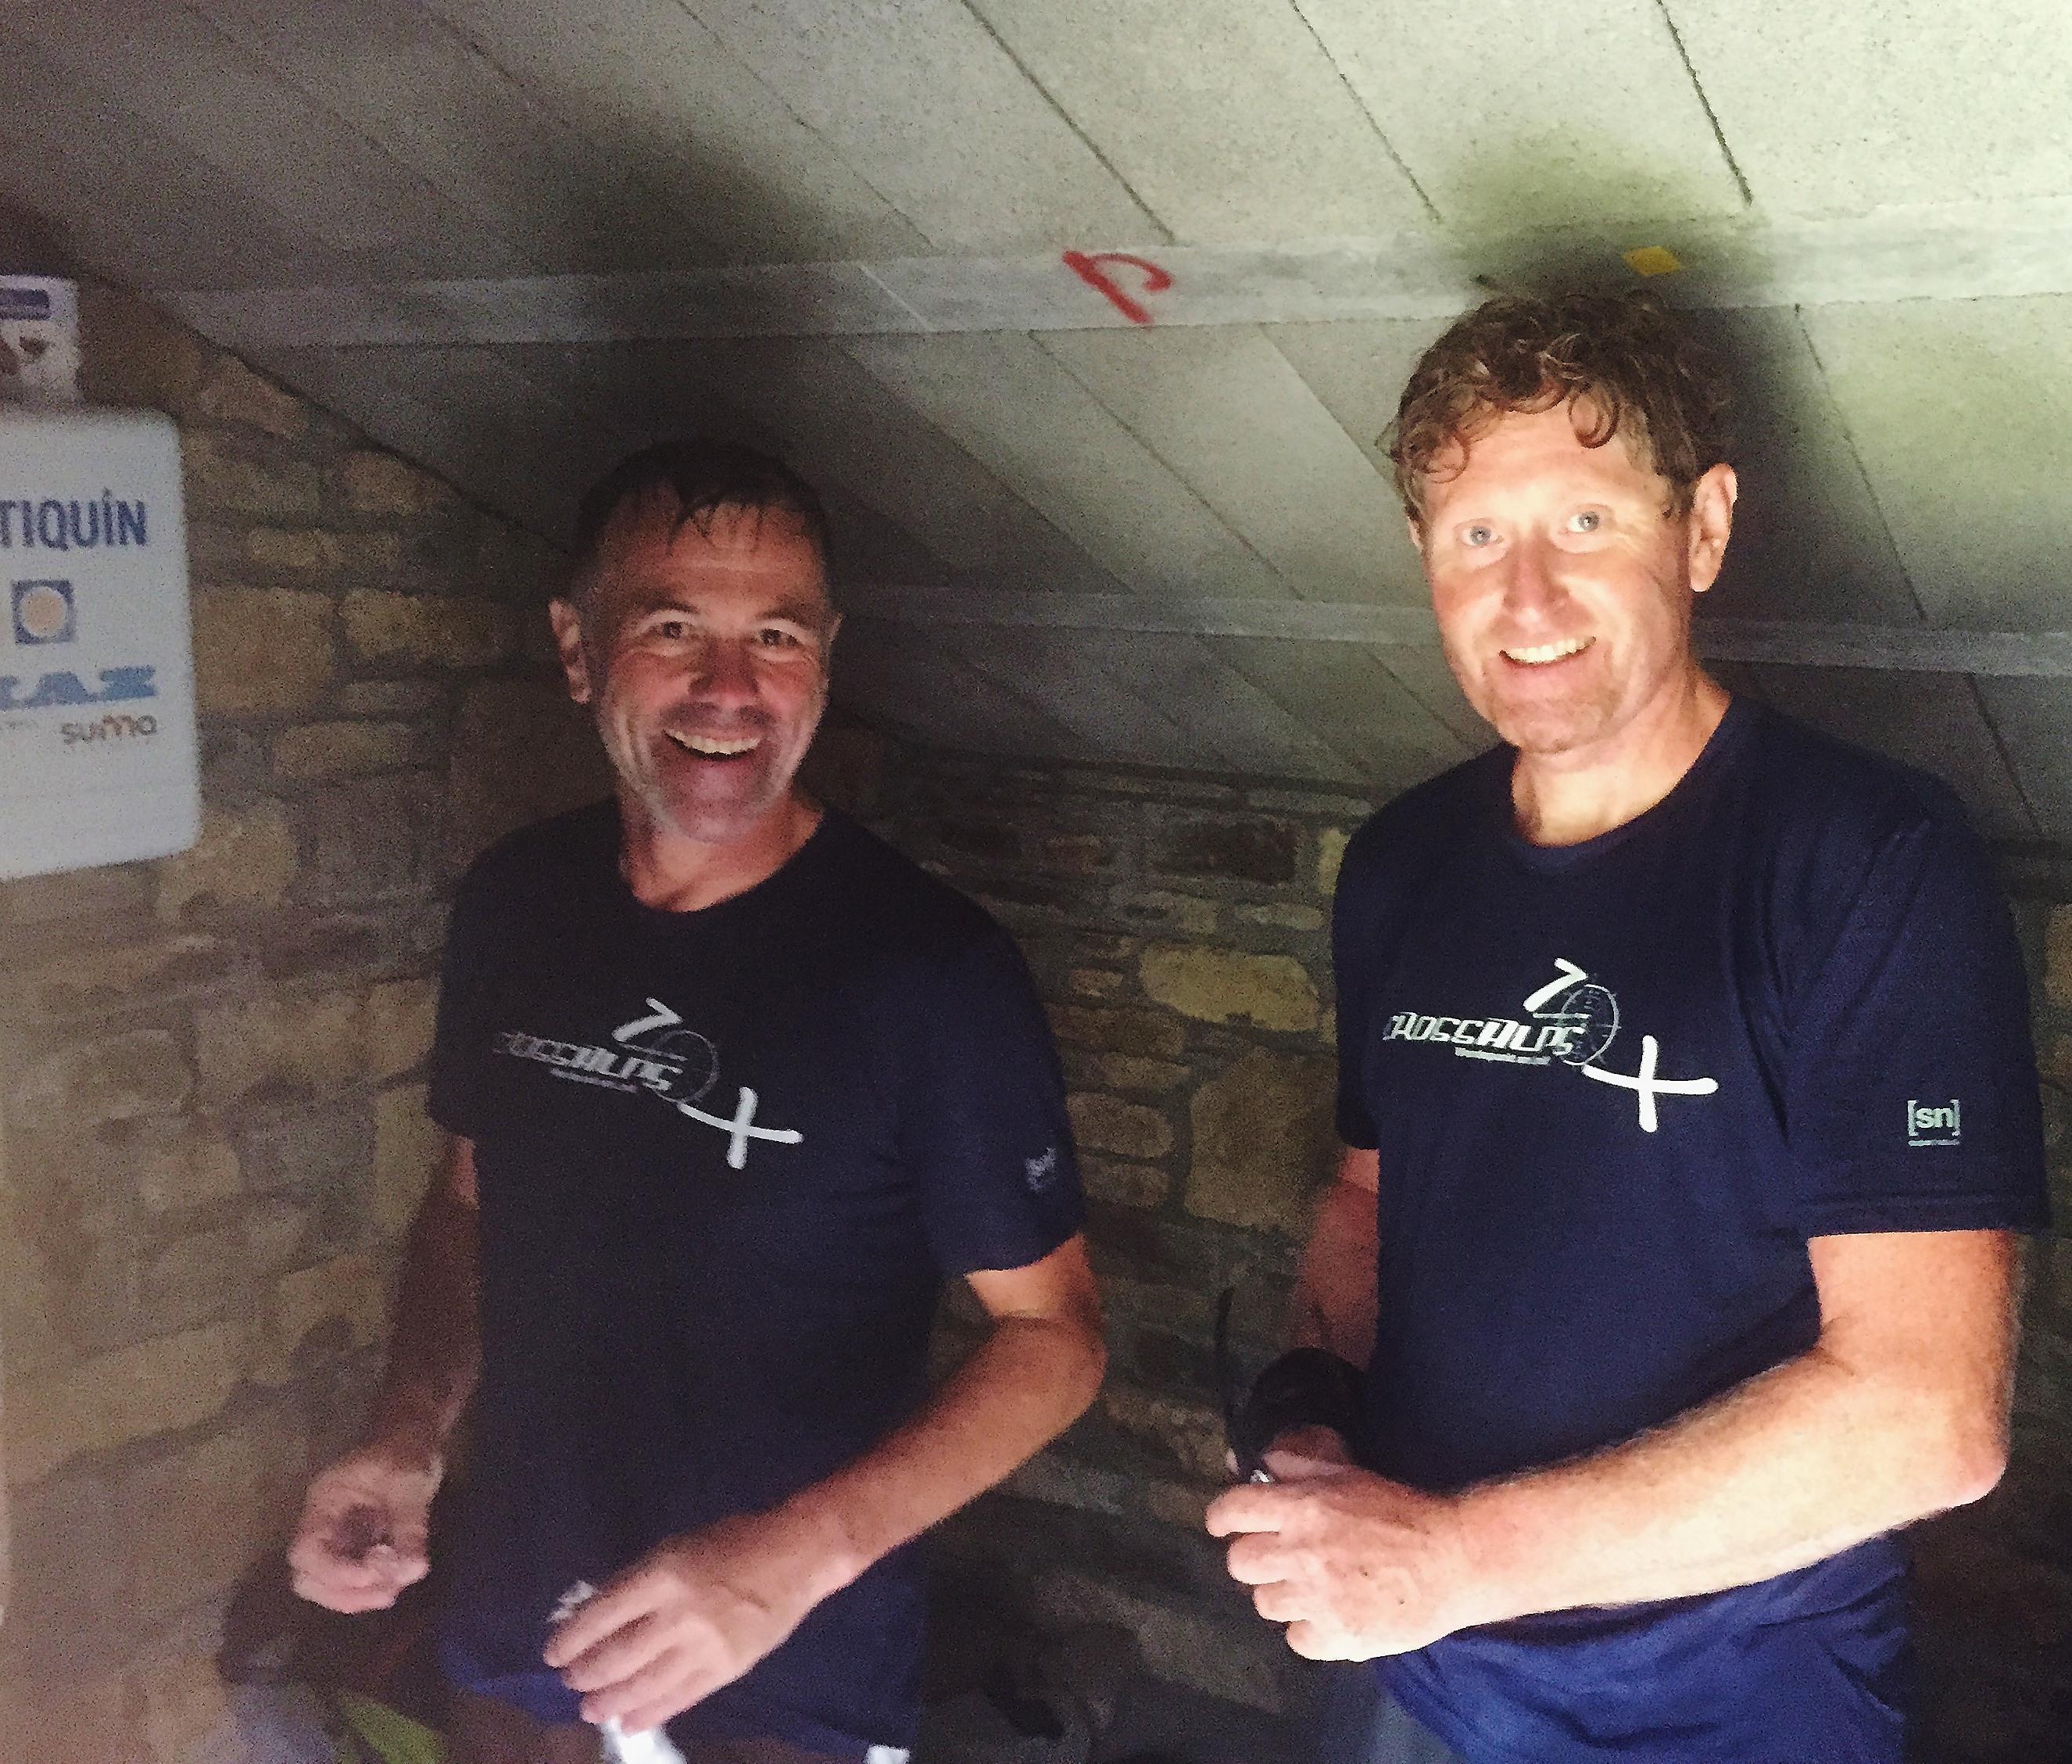 New Team Pilots Werner Schuetz and Robert Heim